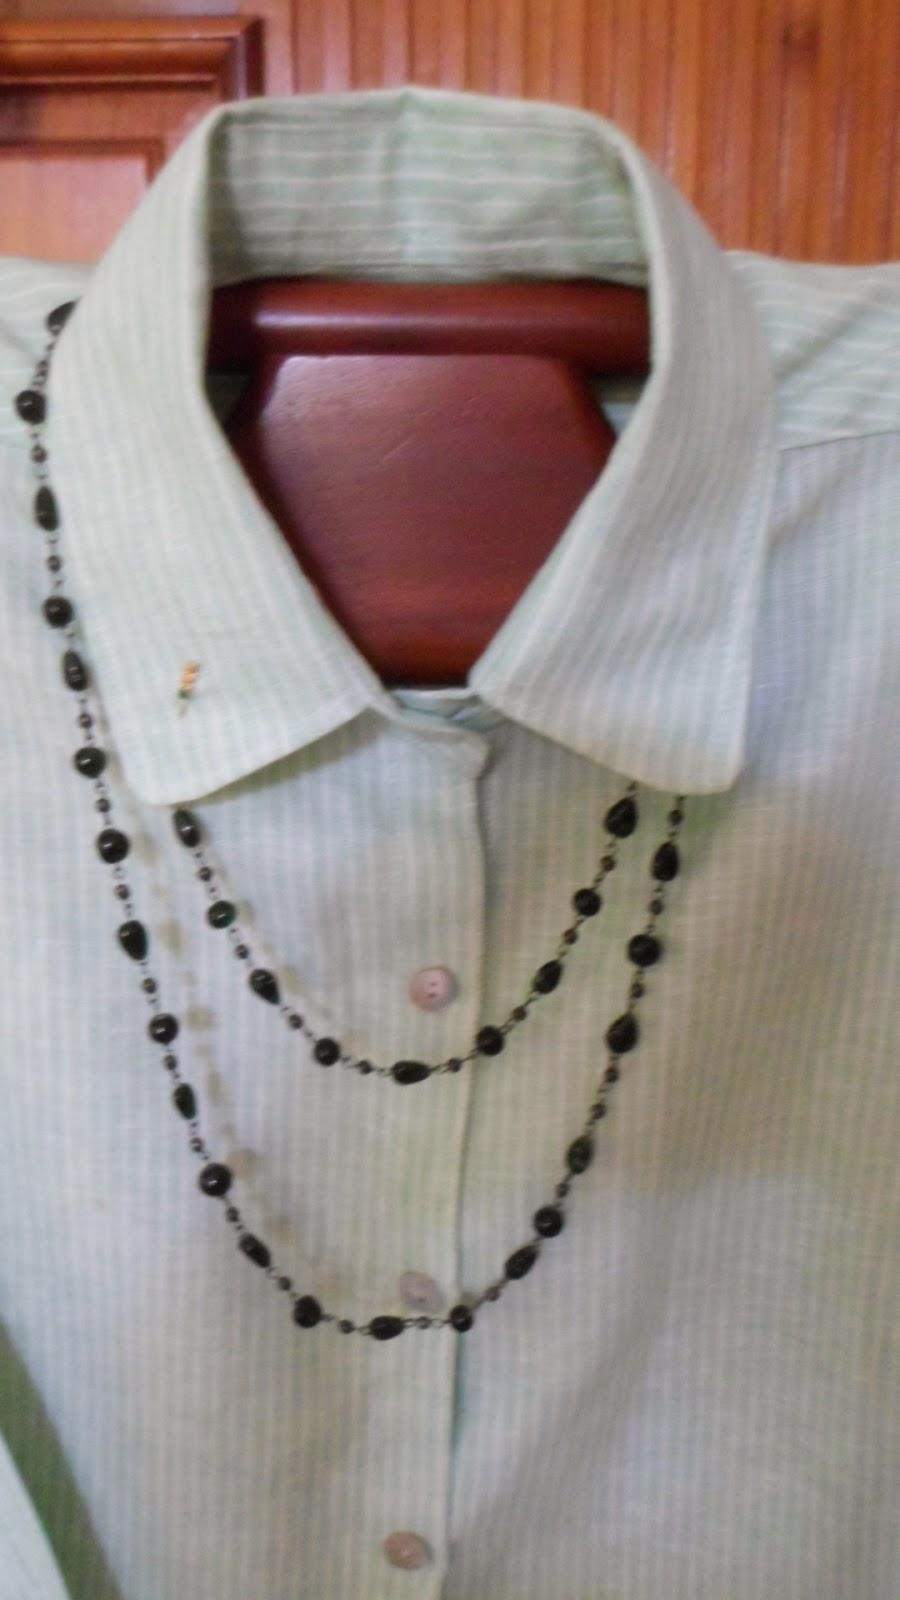 imagenes de camisas para damas - imagenes de camisas | Blusas de Tommy Hilfiger para Mujer Tienda Oficial